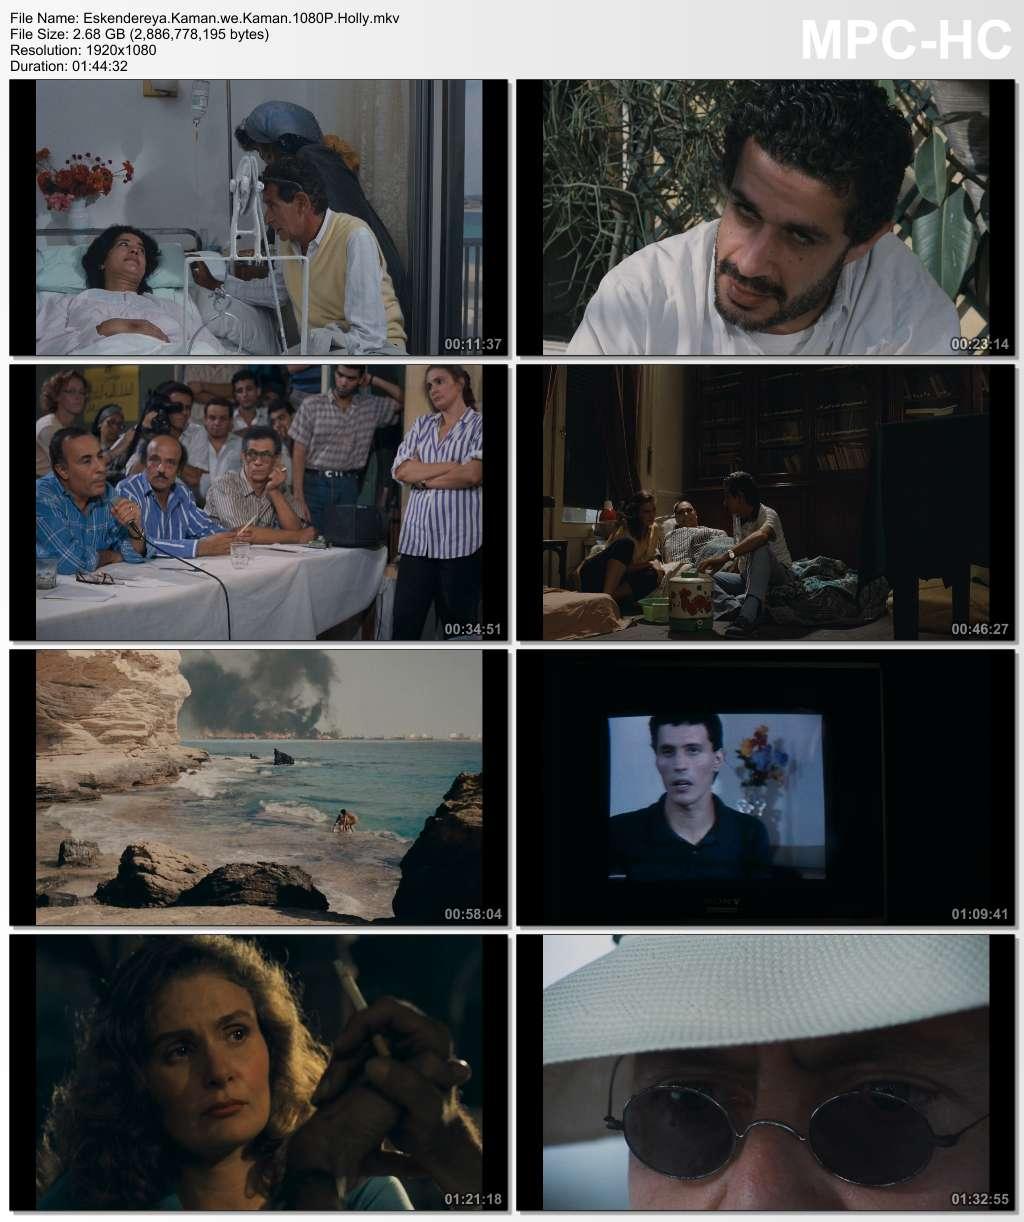 [فيلم][تورنت][تحميل][اسكندرية كمان و كمان][1990][1080p][HDTV] 8 arabp2p.com